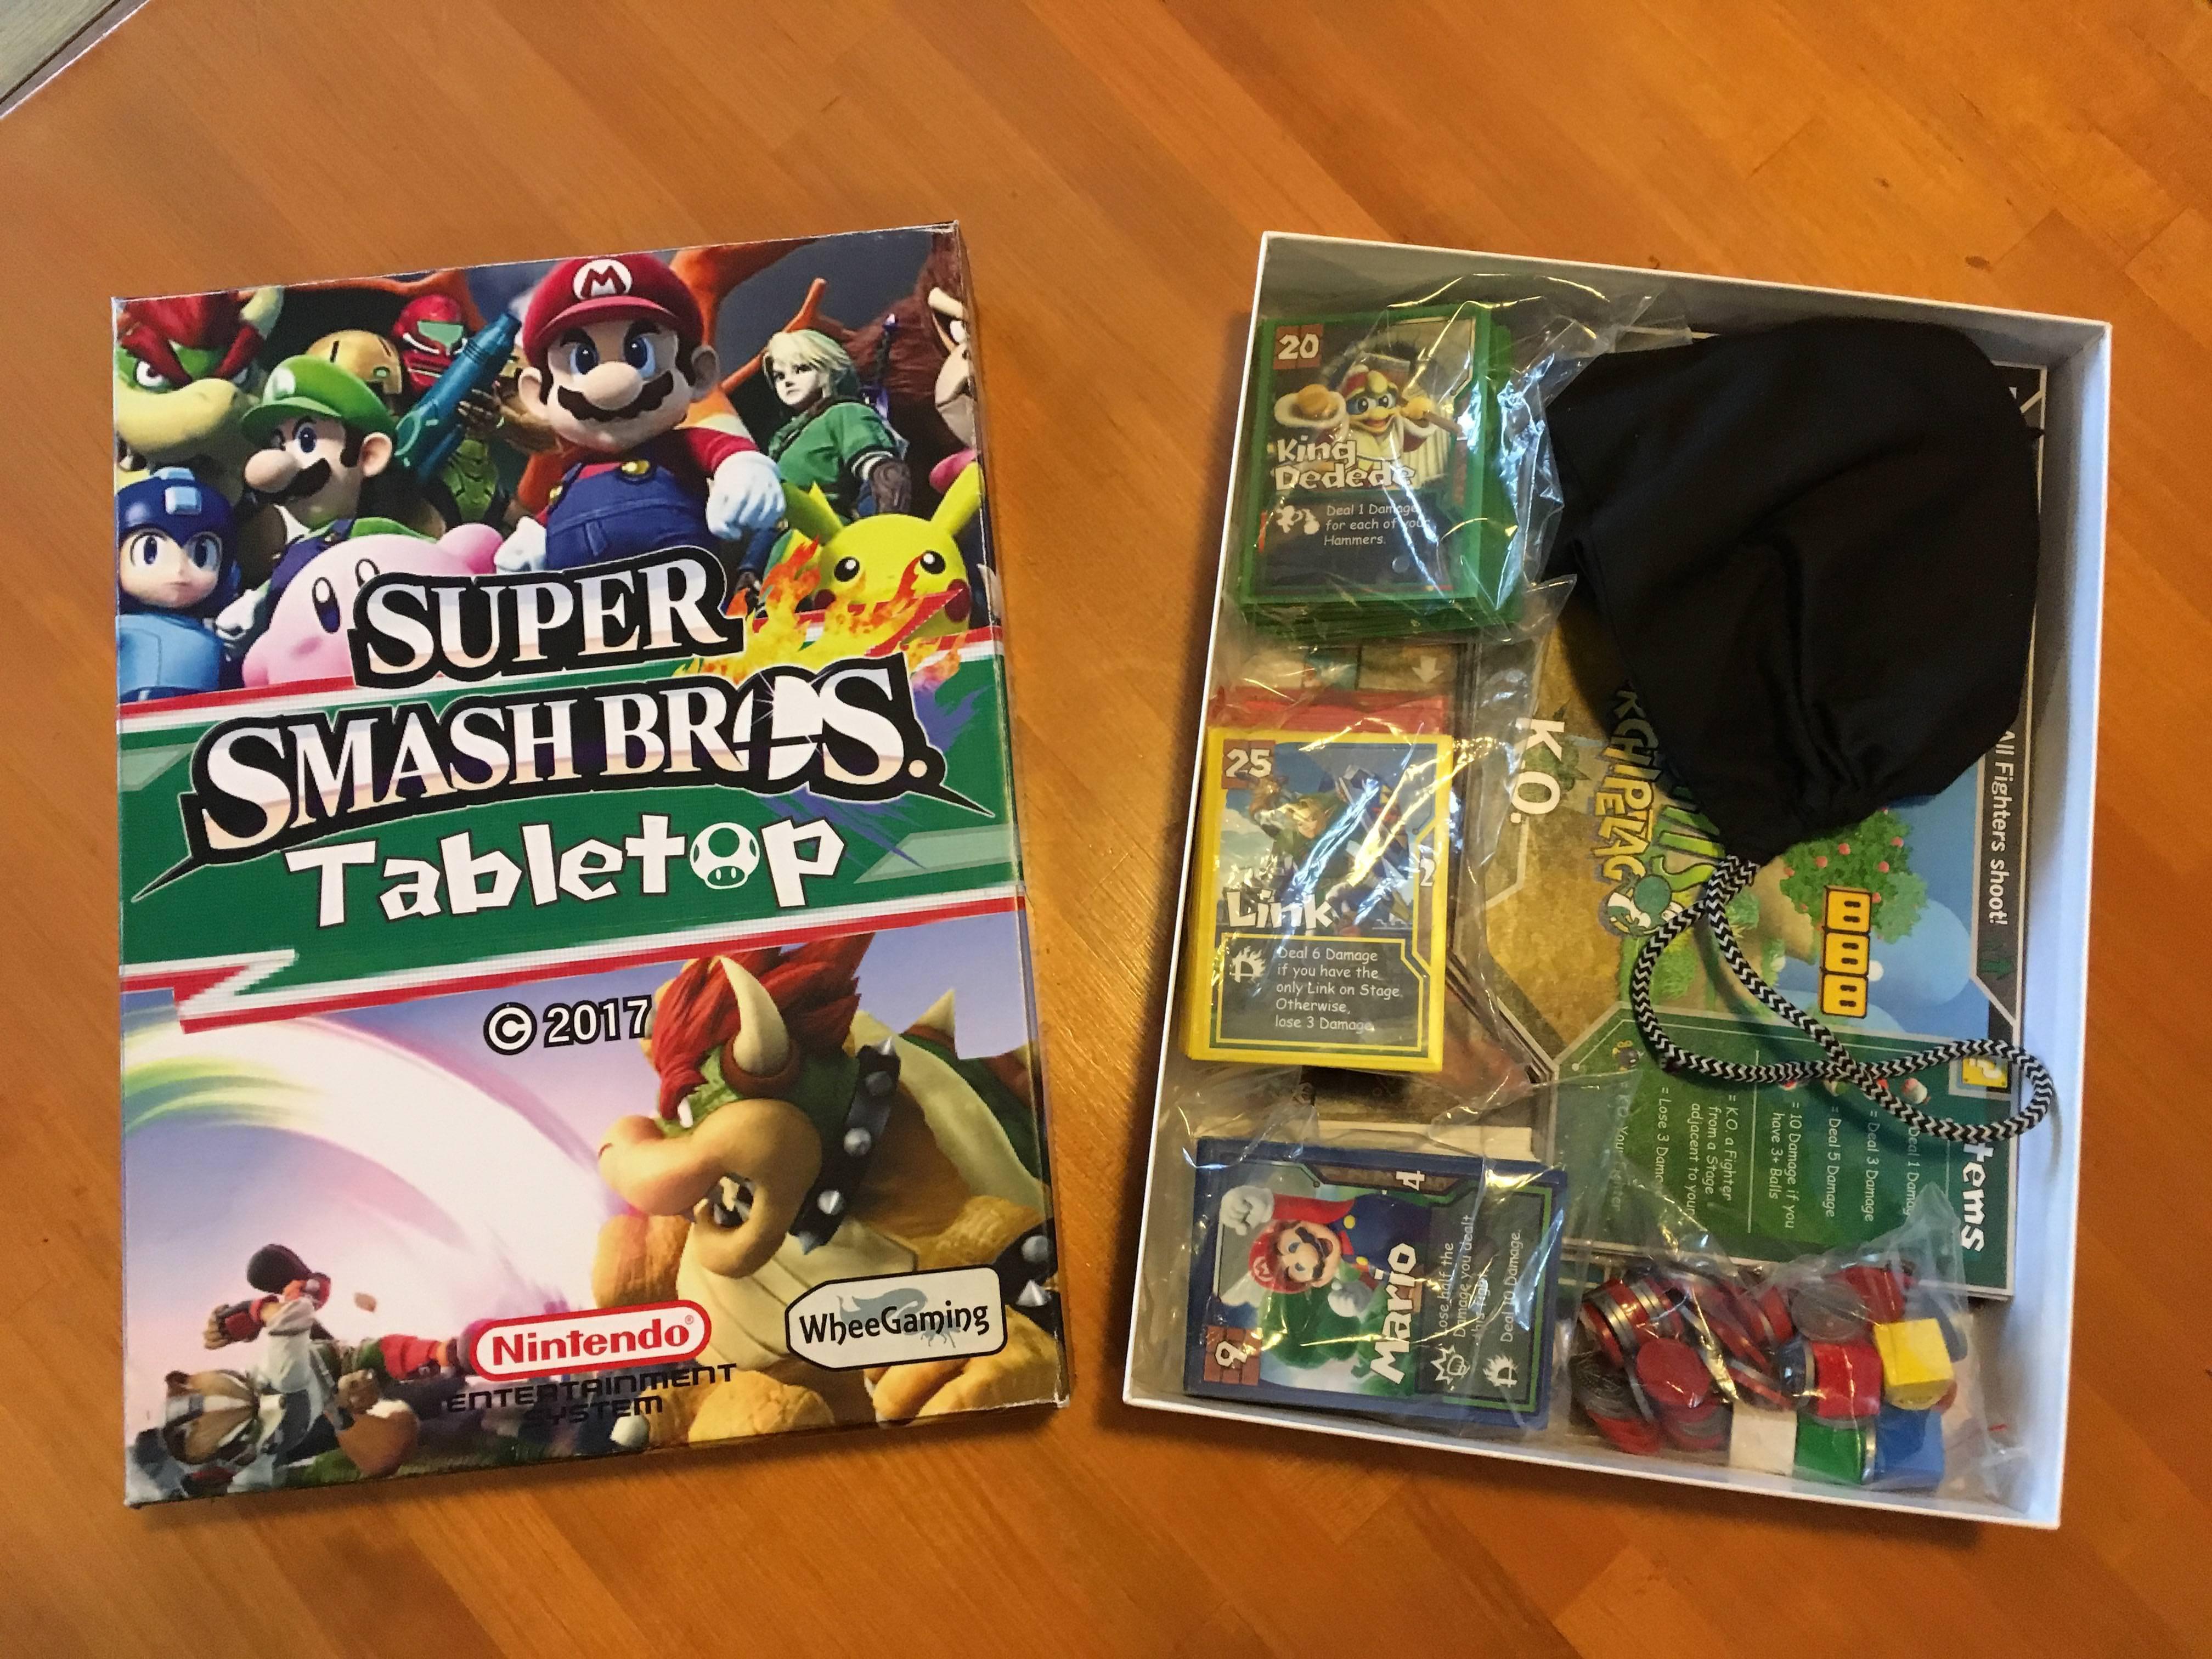 Voll analog: Super Smash Bros. als Brettspiel